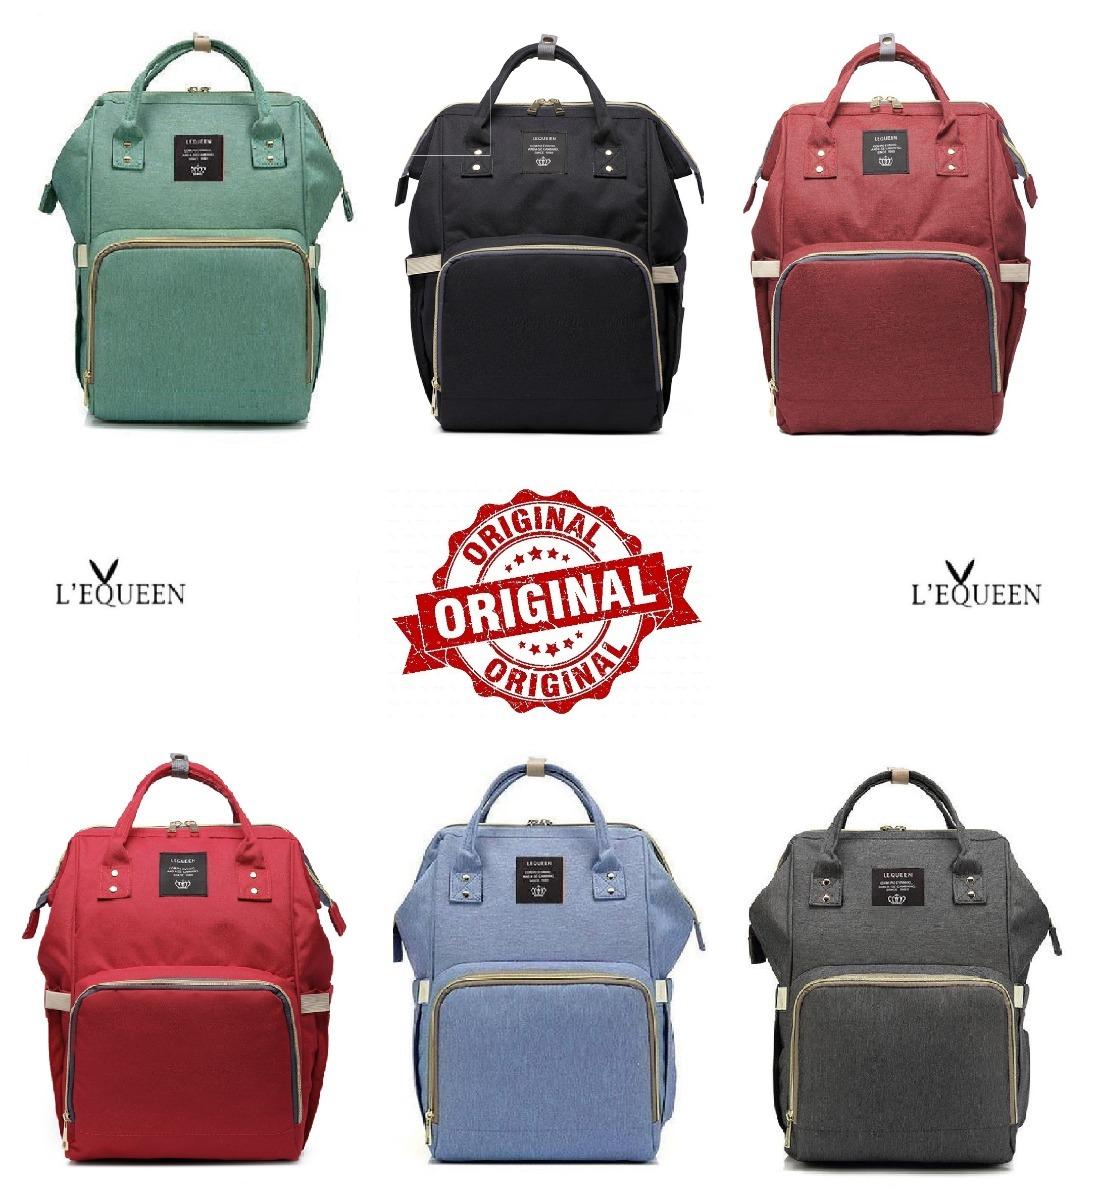 f31c1b17b bolsa mochila maternidade lequeen em promoção pronta entrega. Carregando  zoom.